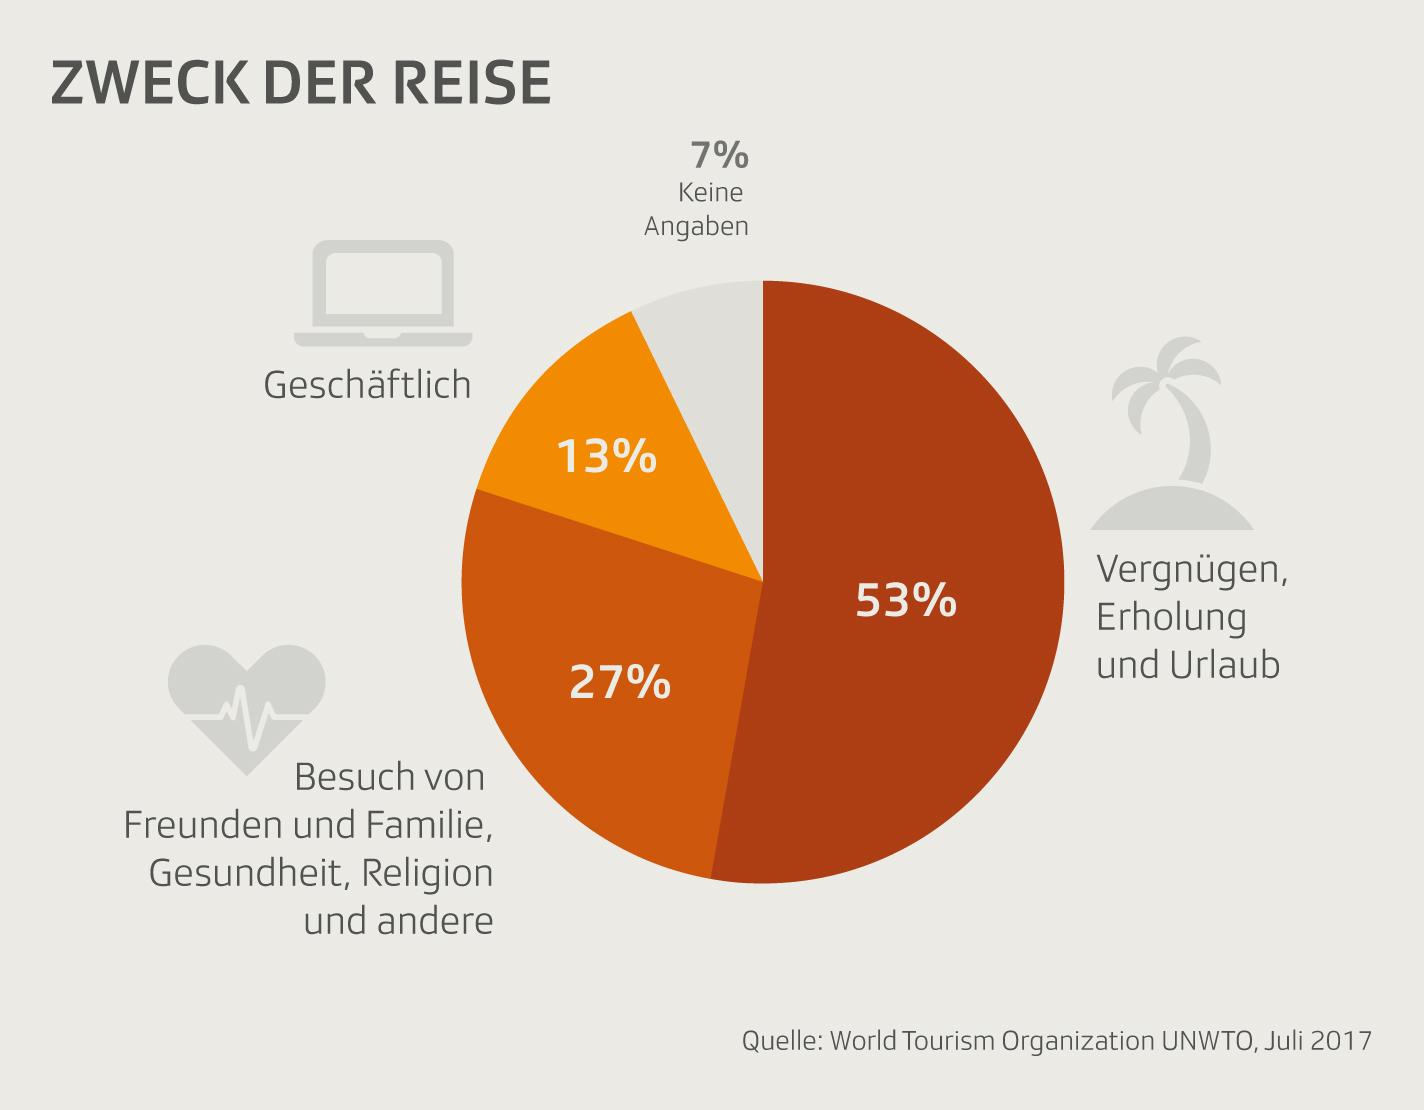 Grafik zeigt Zweck der Reisen von Touristen